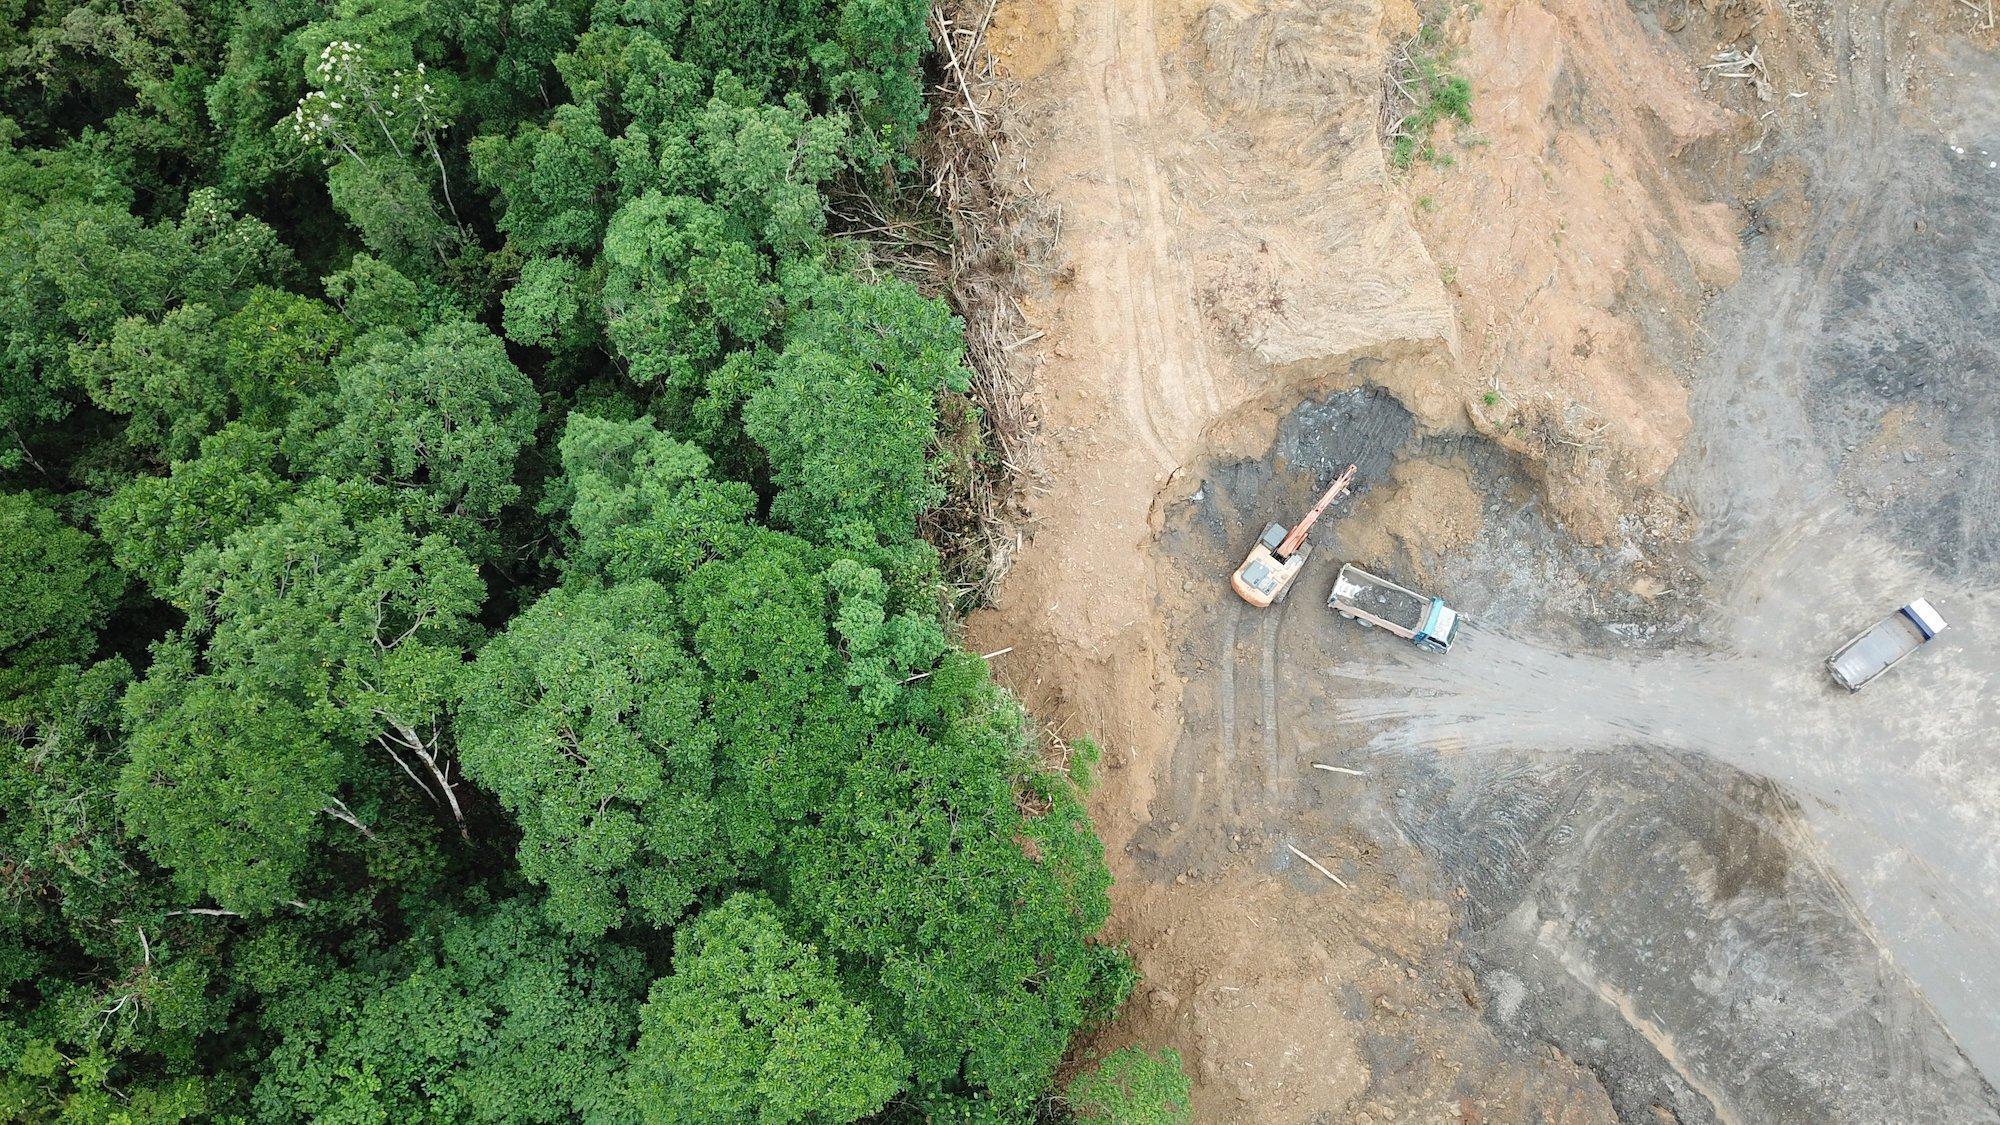 Es handelt sich um ein Luftbild, das auf der linken Seite intakten tropischen Regenwald und auf der rechten Seite eine leere Fläche mit Baggern und Lastwagen zeigt. Dargestellt wird Waldzerstörung in Malaysia, um Platz für Ölpalmenplantagen zu schaffen.